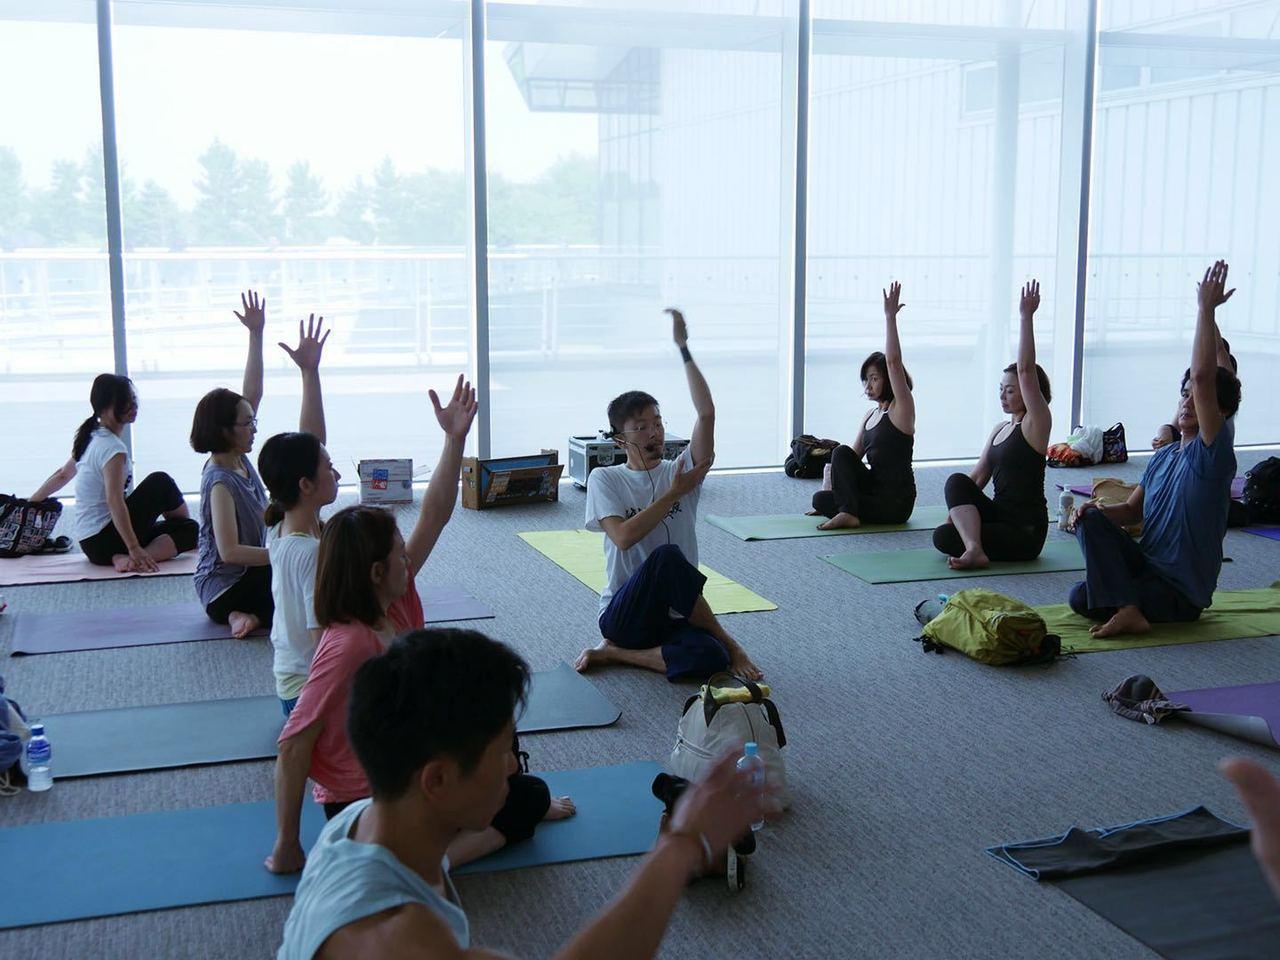 【6/10(日)開催】上海WS Tomo先生による『Jivamukti Yoga Open Class!! 』